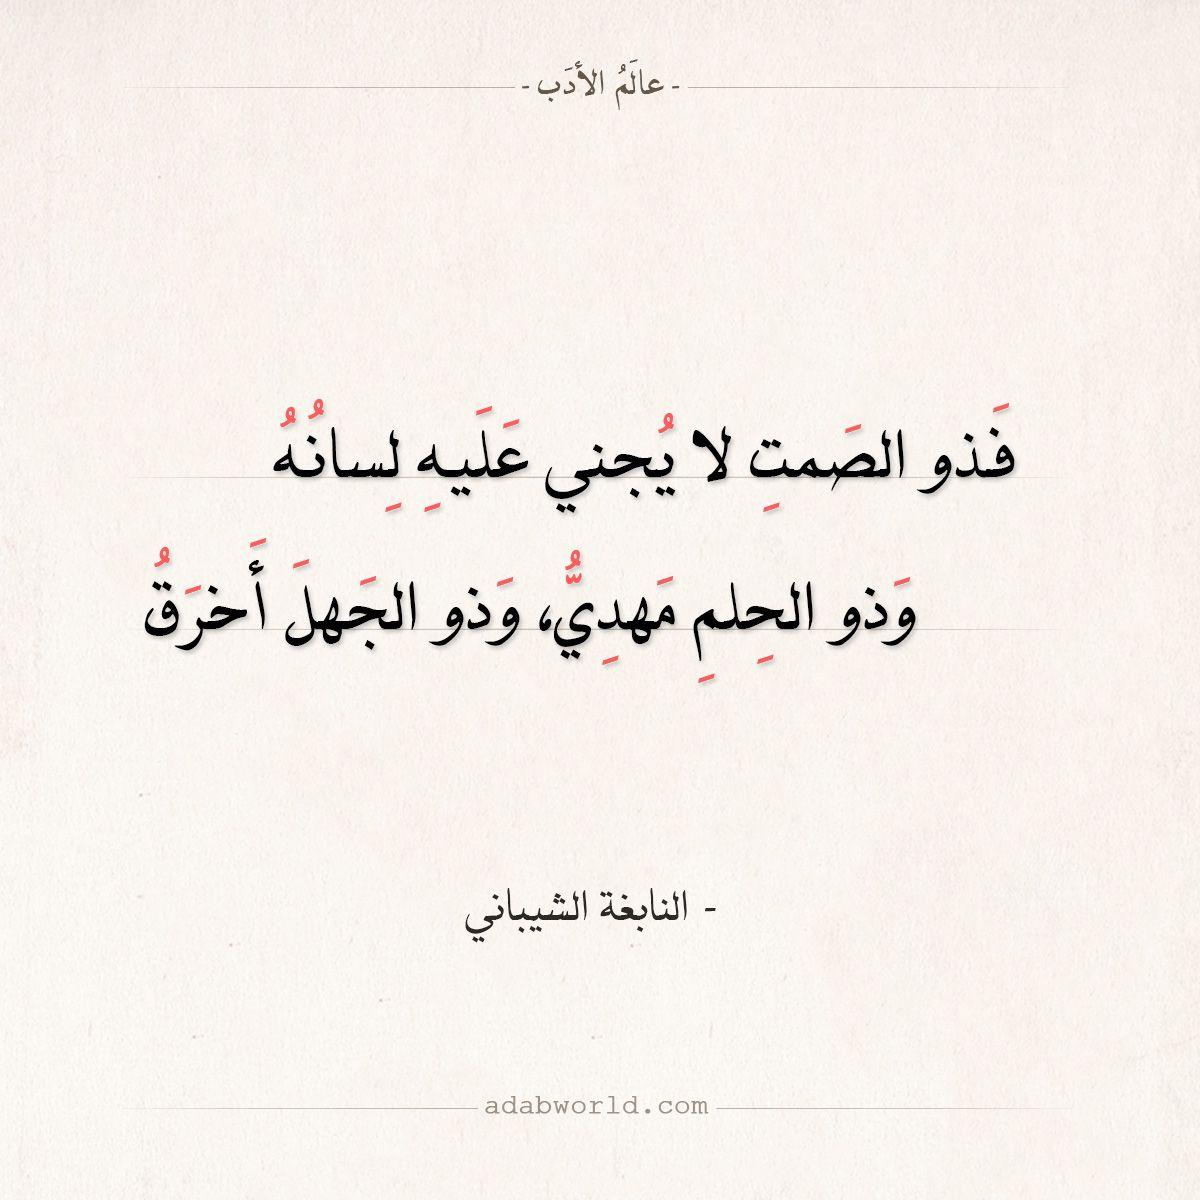 شعر النابغة الشيباني فذو الصمت لا يجني عليه لسانه عالم الأدب Life Quotes Book Quotes Arabic Quotes